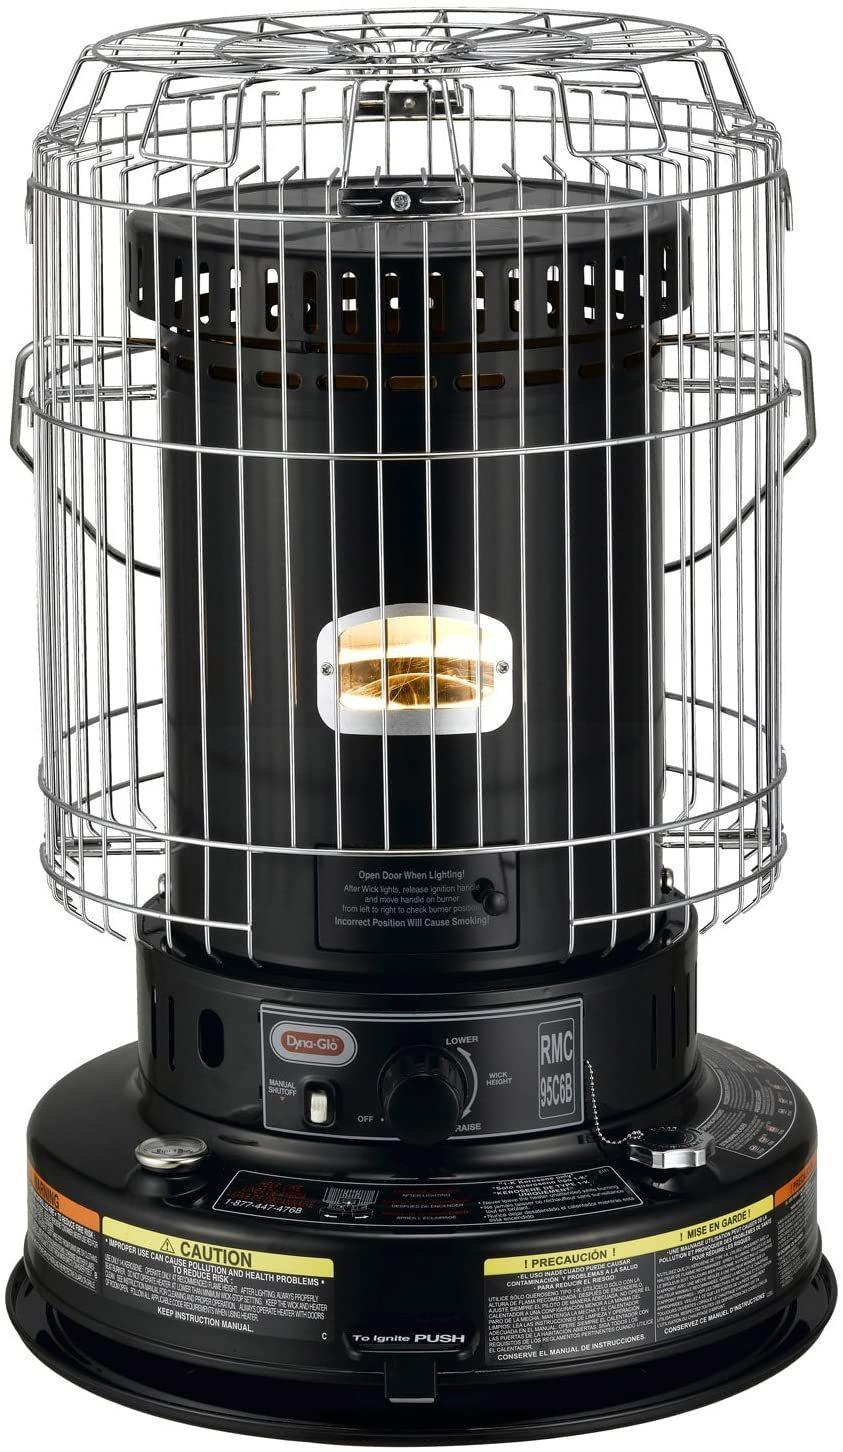 Dyna-Glo RMC-95C6B Indoor Kerosene Heater For Basement